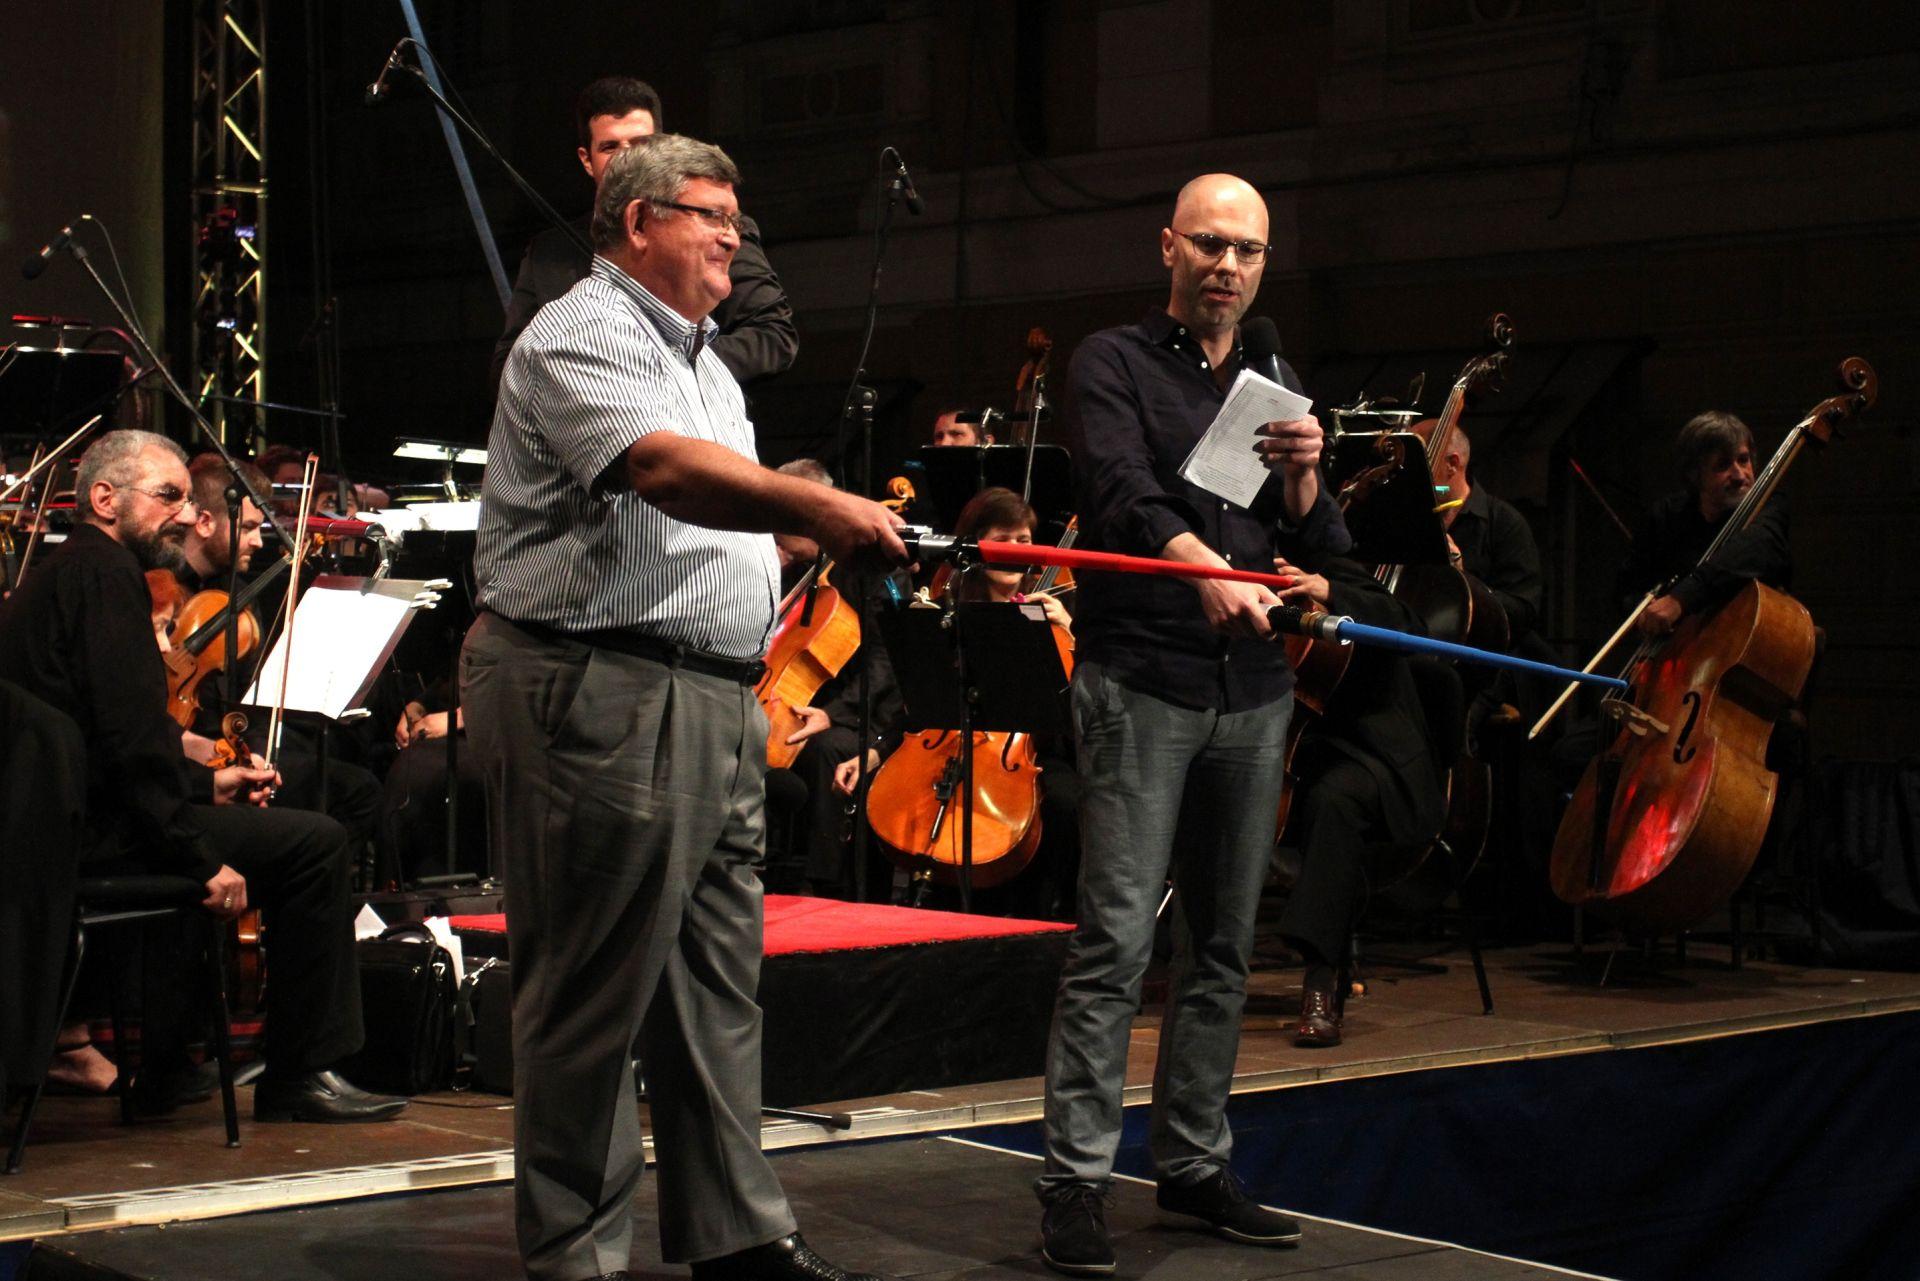 Dodjelom nagrada mladim opernim pjevačima zatvorene Riječke ljetne noći